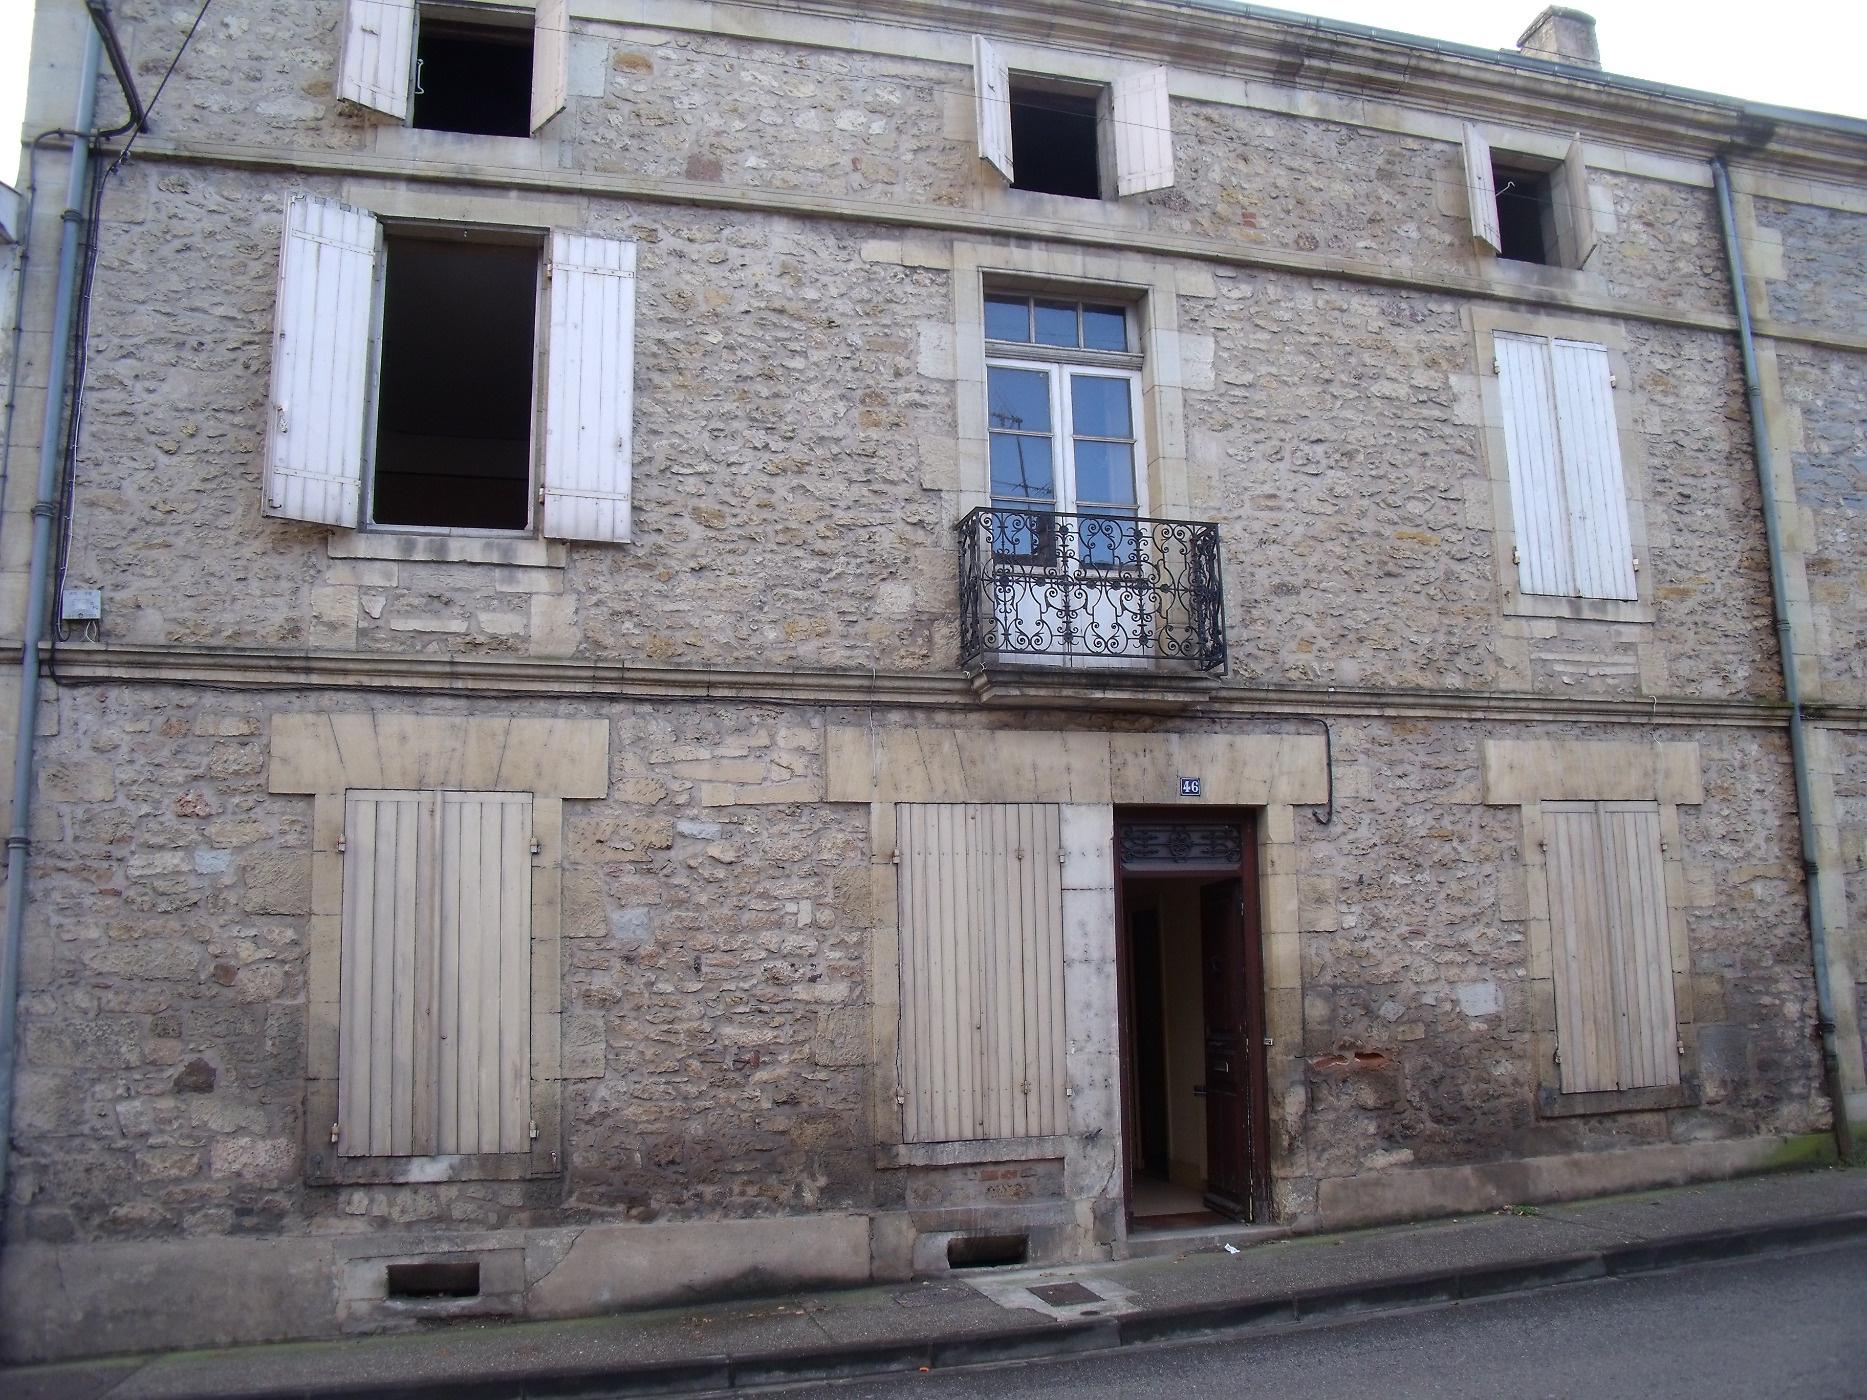 Vente maison/villa 9 pièces monsempron libos 47500